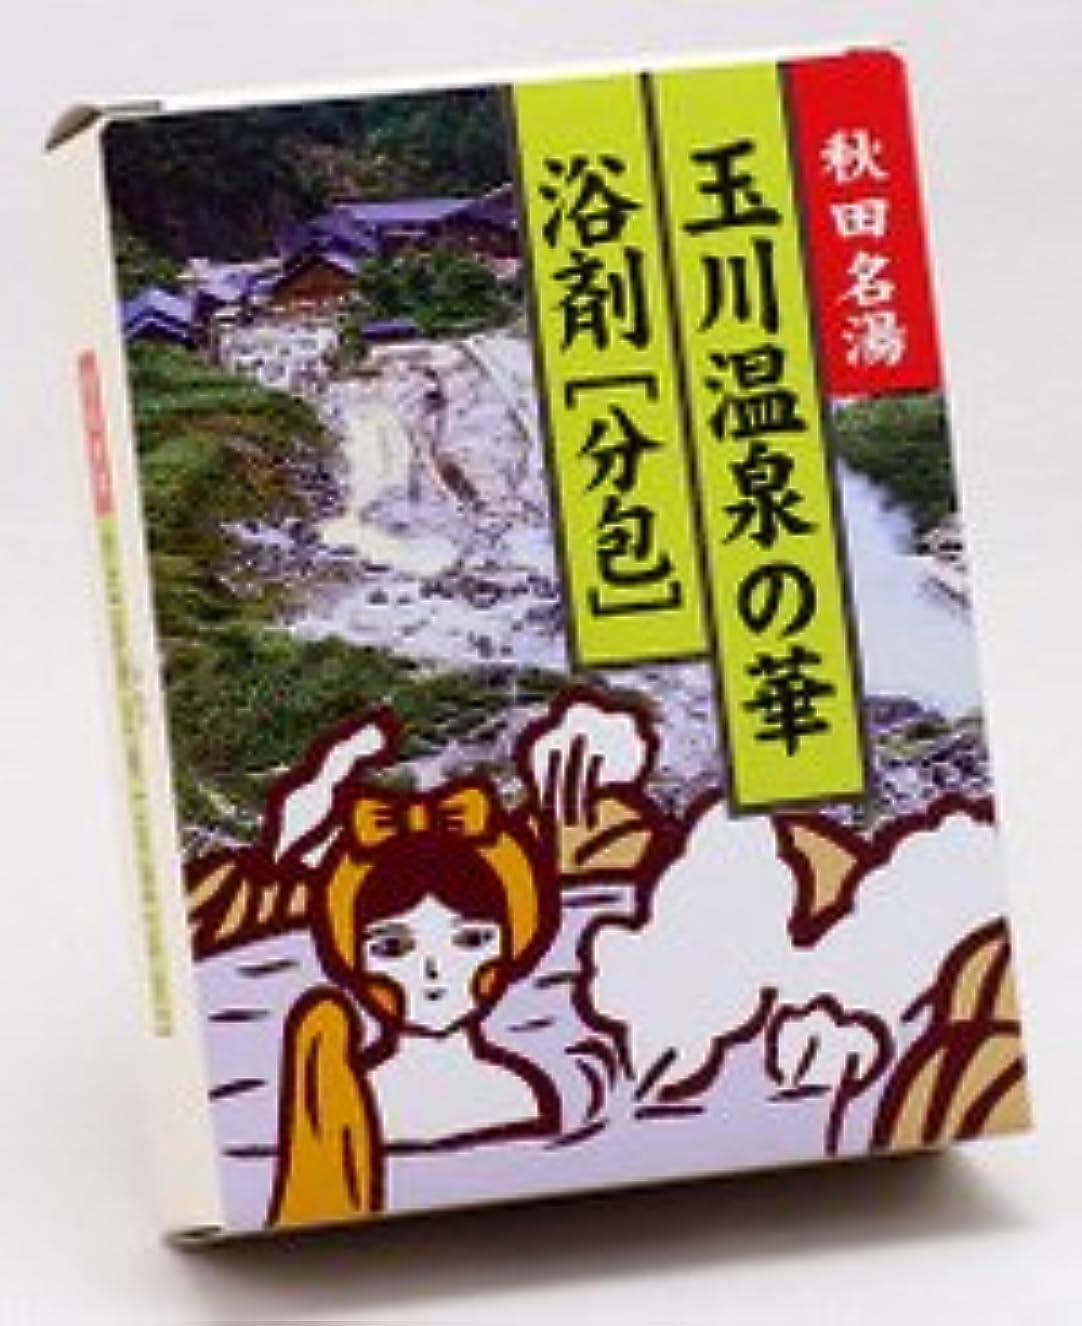 ペア継承しっとり入浴剤 玉川温泉の華